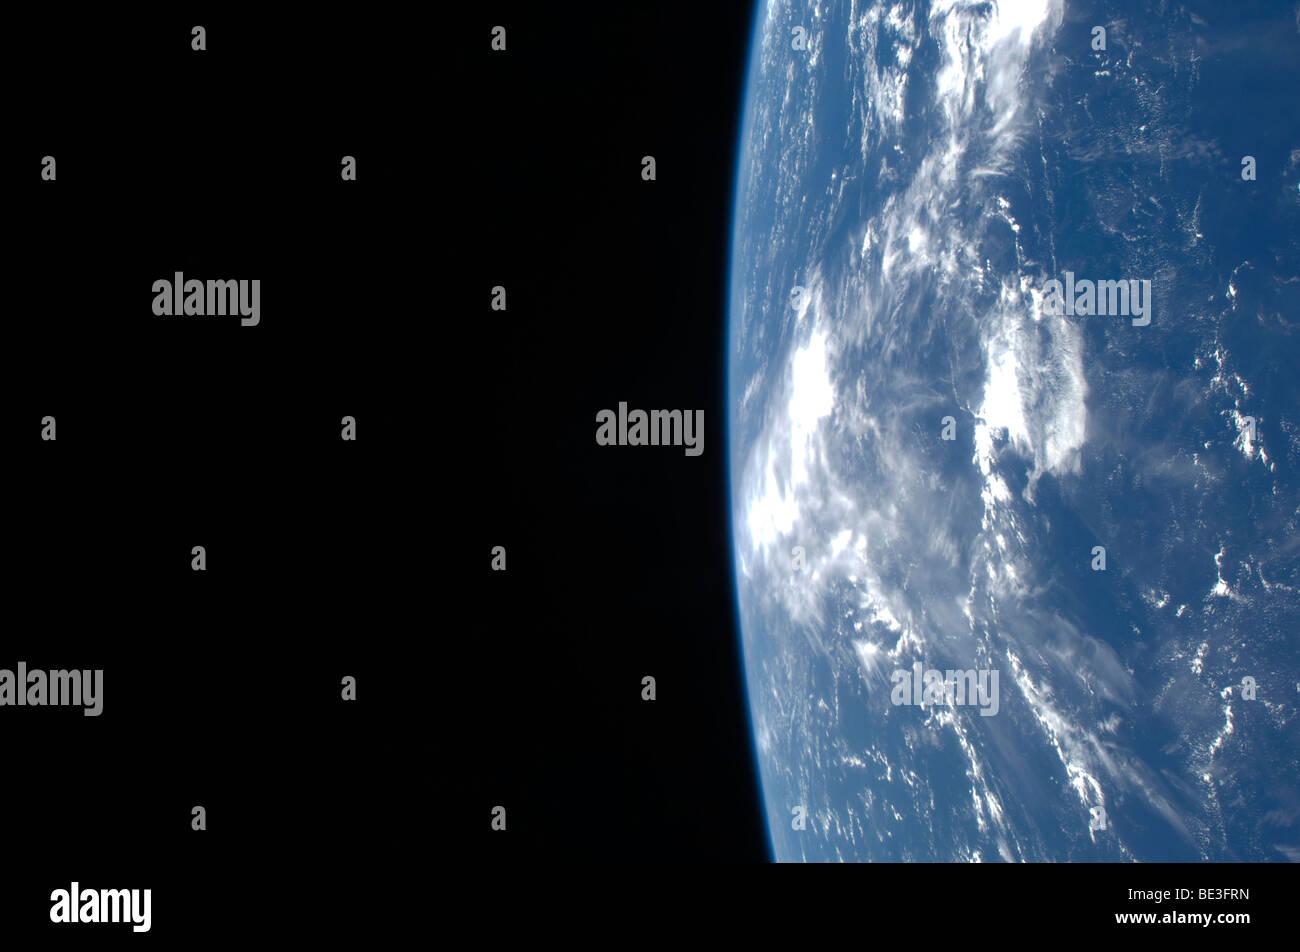 El horizonte de la tierra y la negrura del espacio. Imagen De Stock